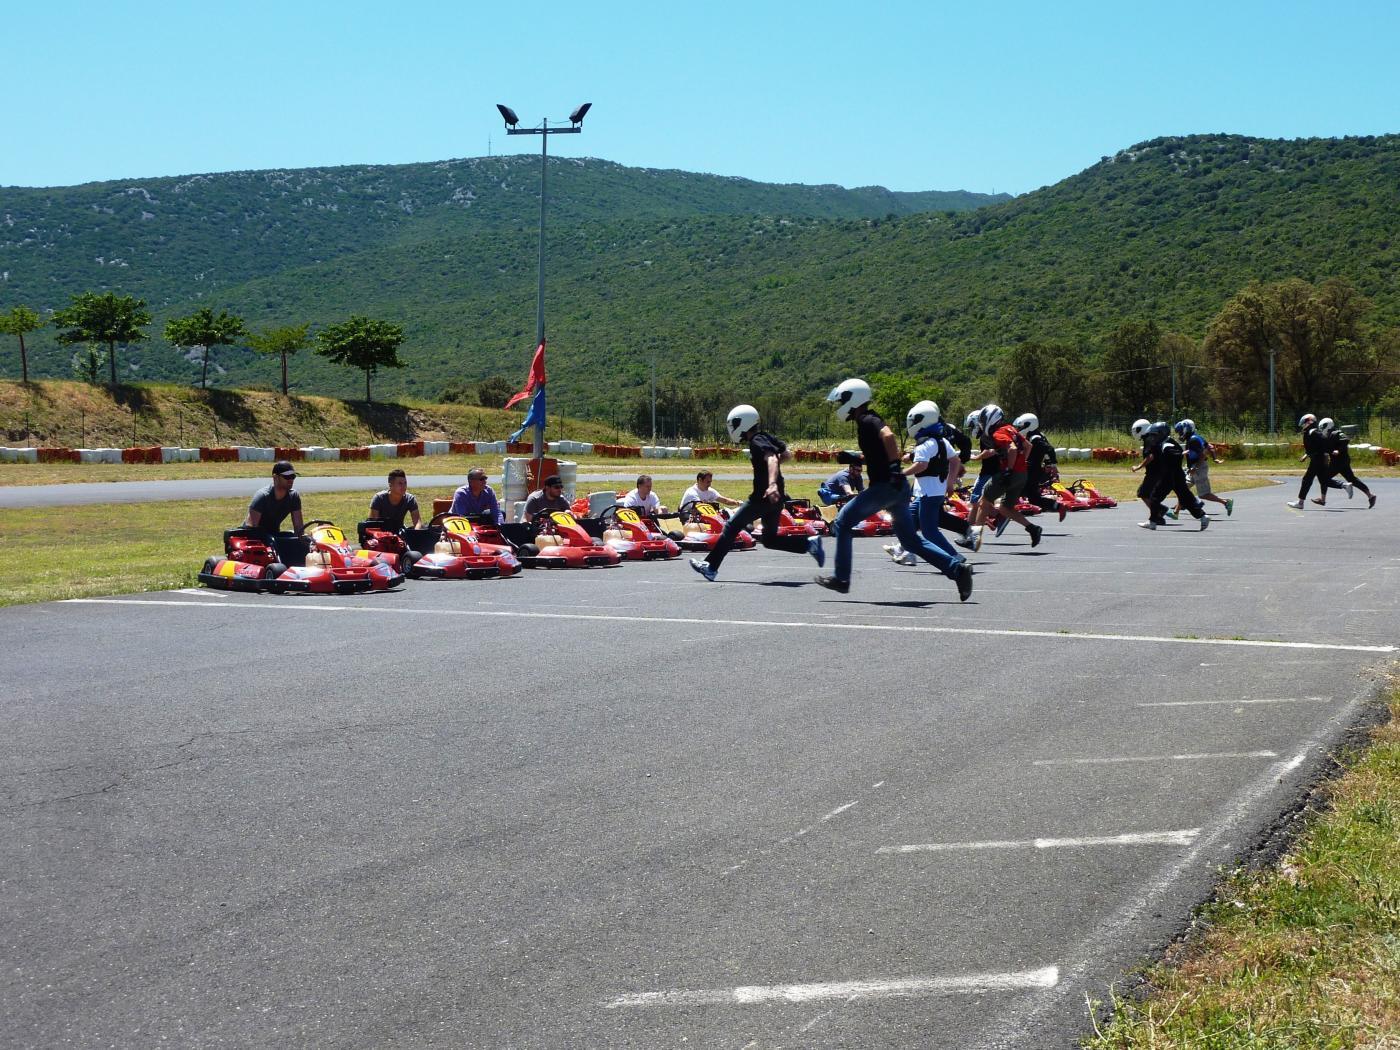 parc-sport-et-loisirs-a-brissac-karting-pour-tester-son-adresse-au-volant